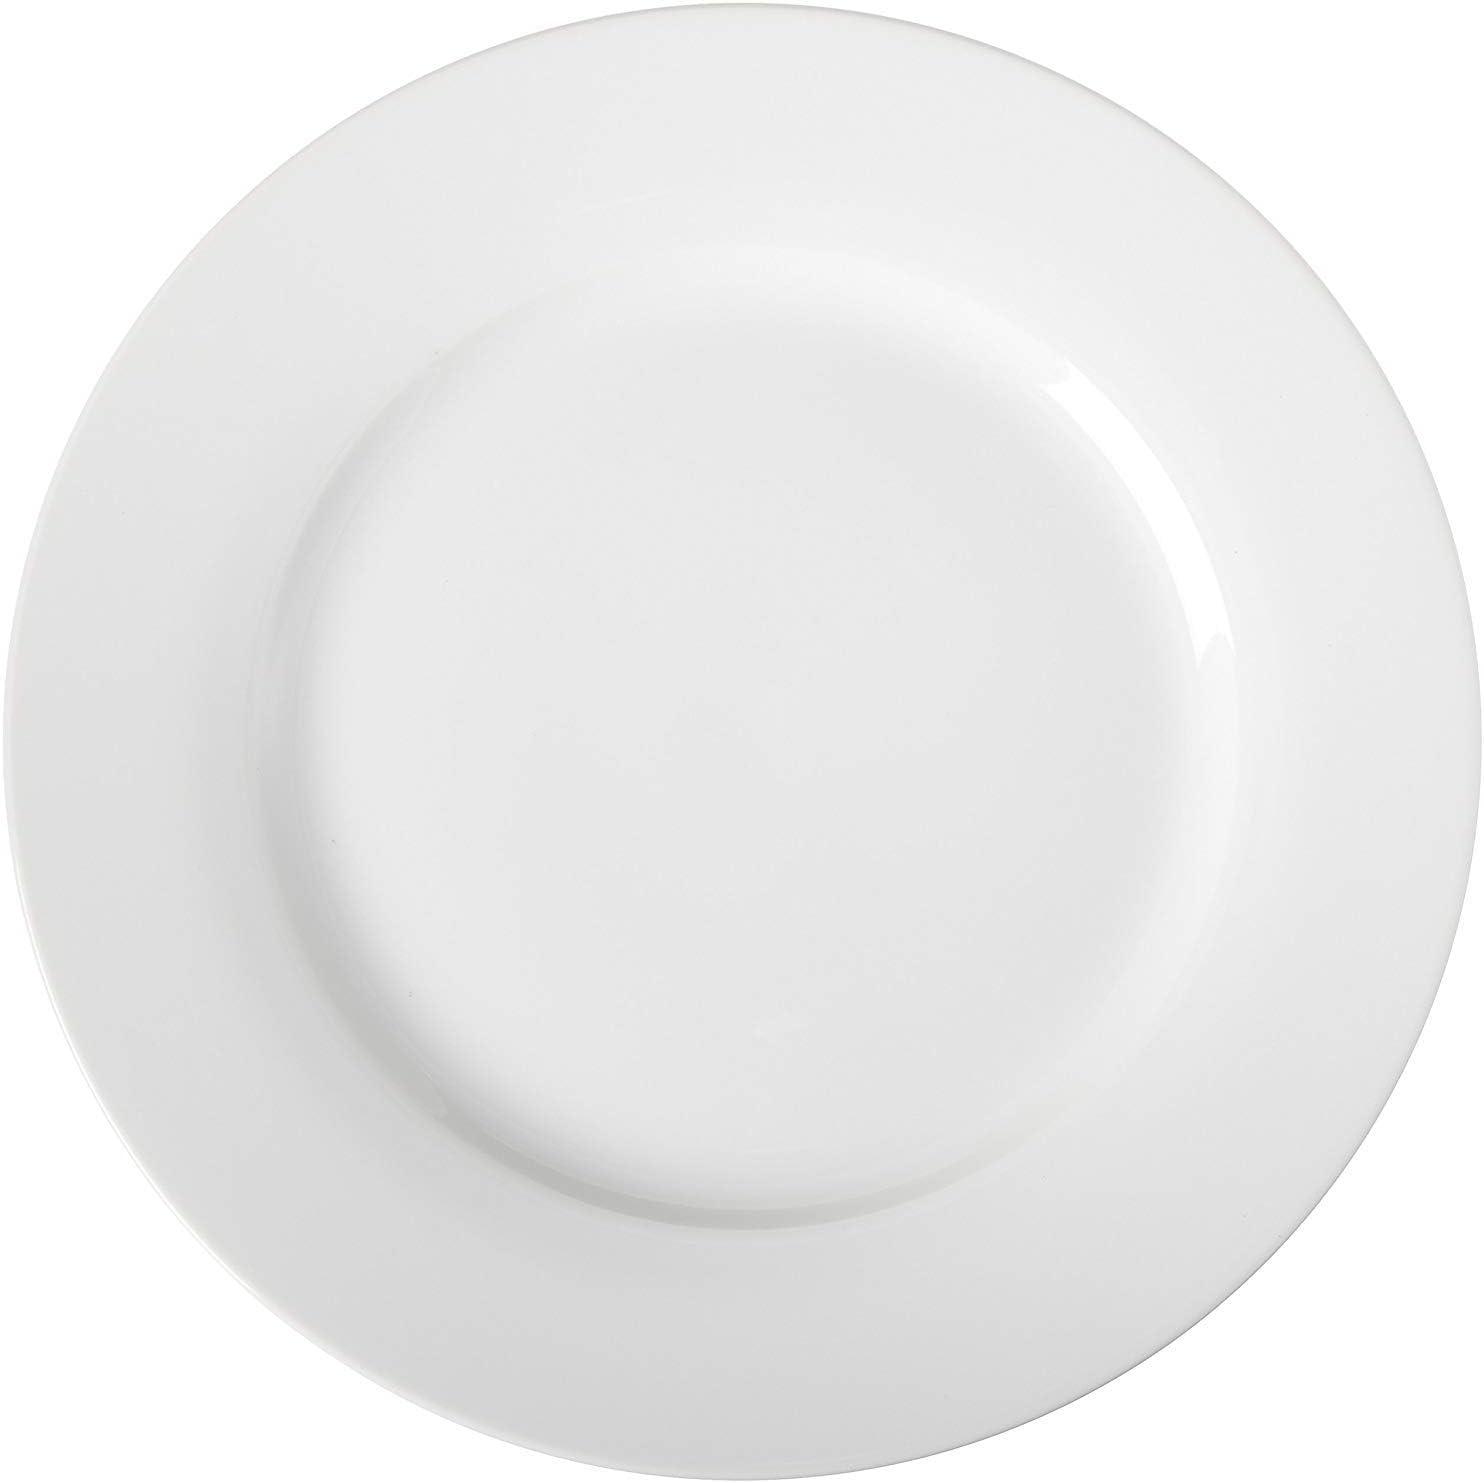 Juego de 6 platos llanos